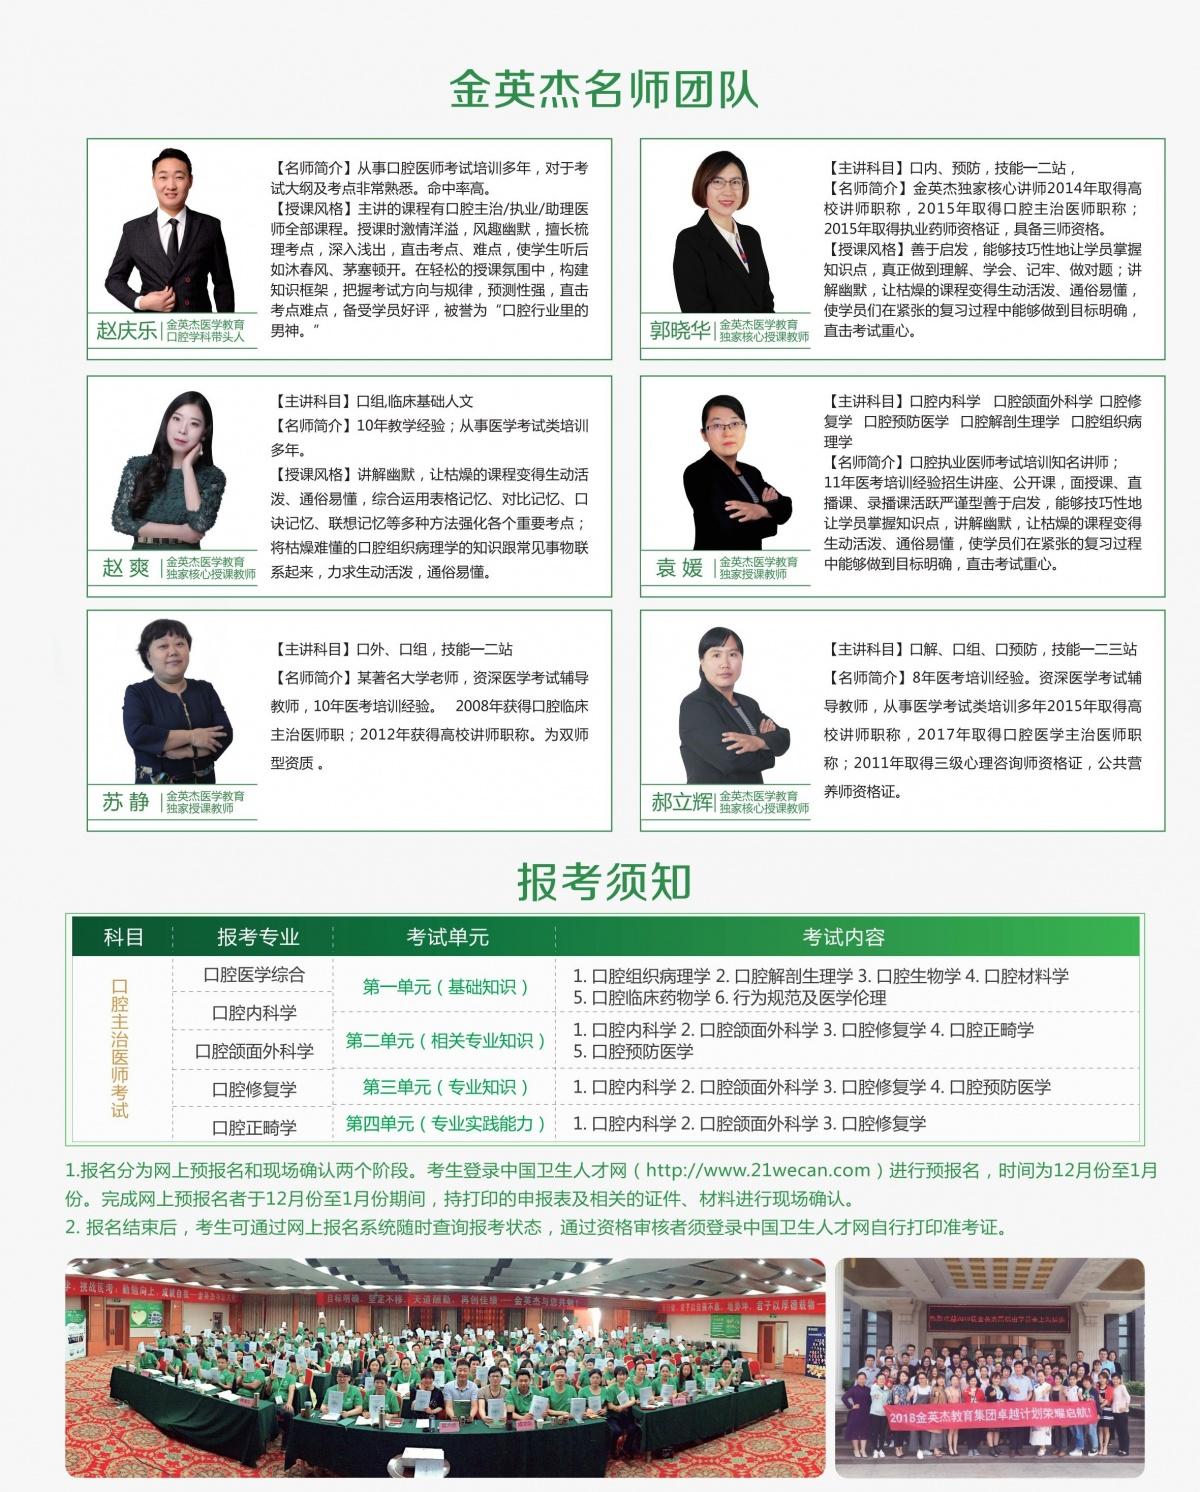 2019年口腔主治医师折页 制作文件 20181127_01 - 副本.jpg